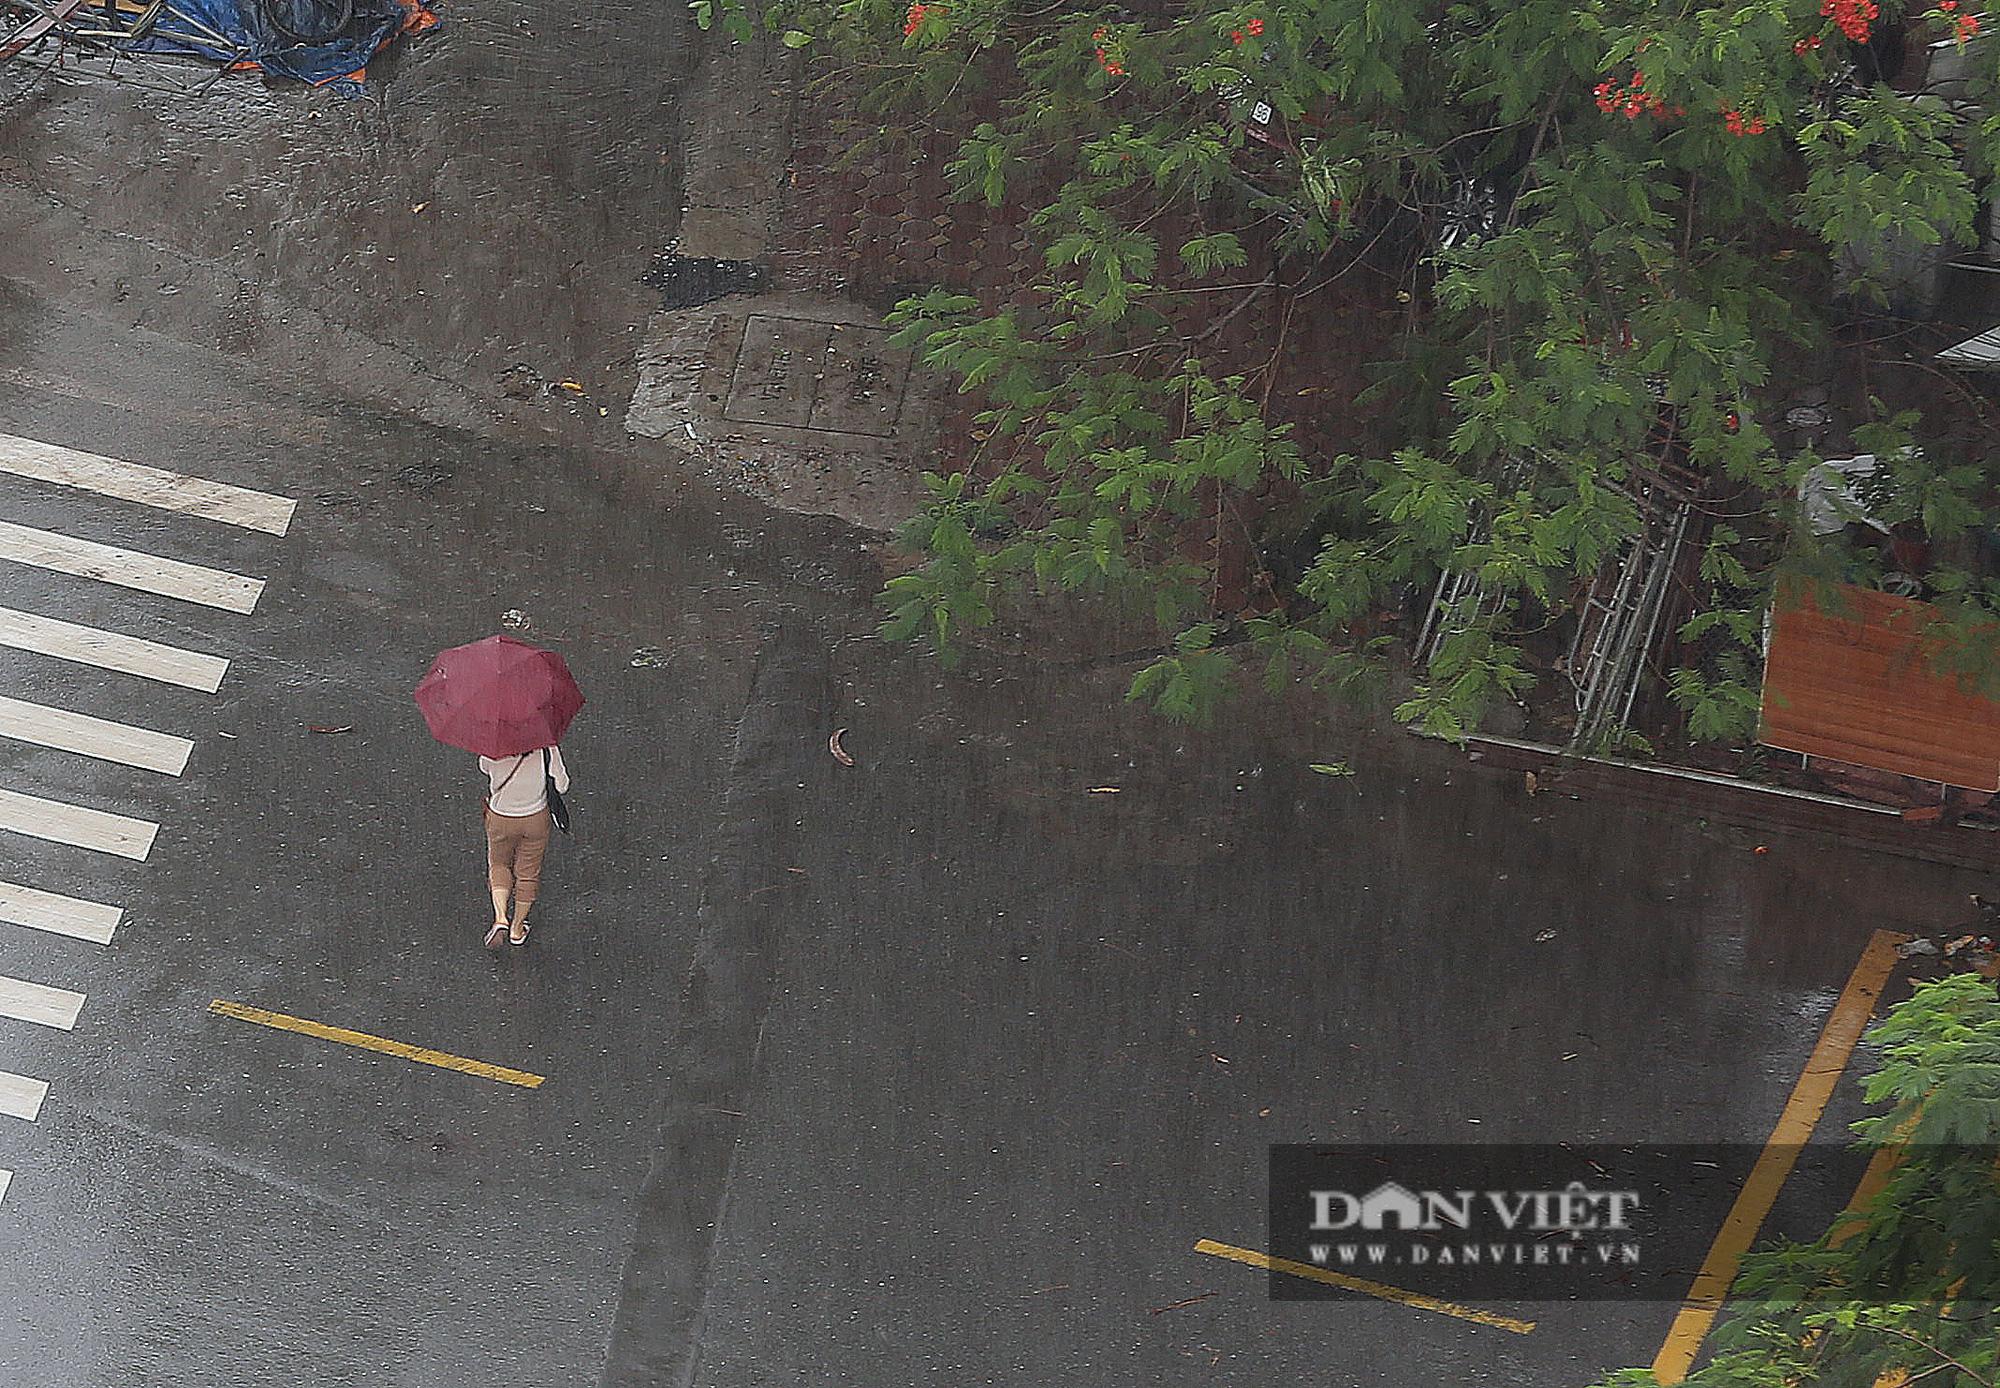 Bầu trời Hà Nội tối đen, mưa như trút do ảnh hưởng của bão số 2 - Ảnh 8.